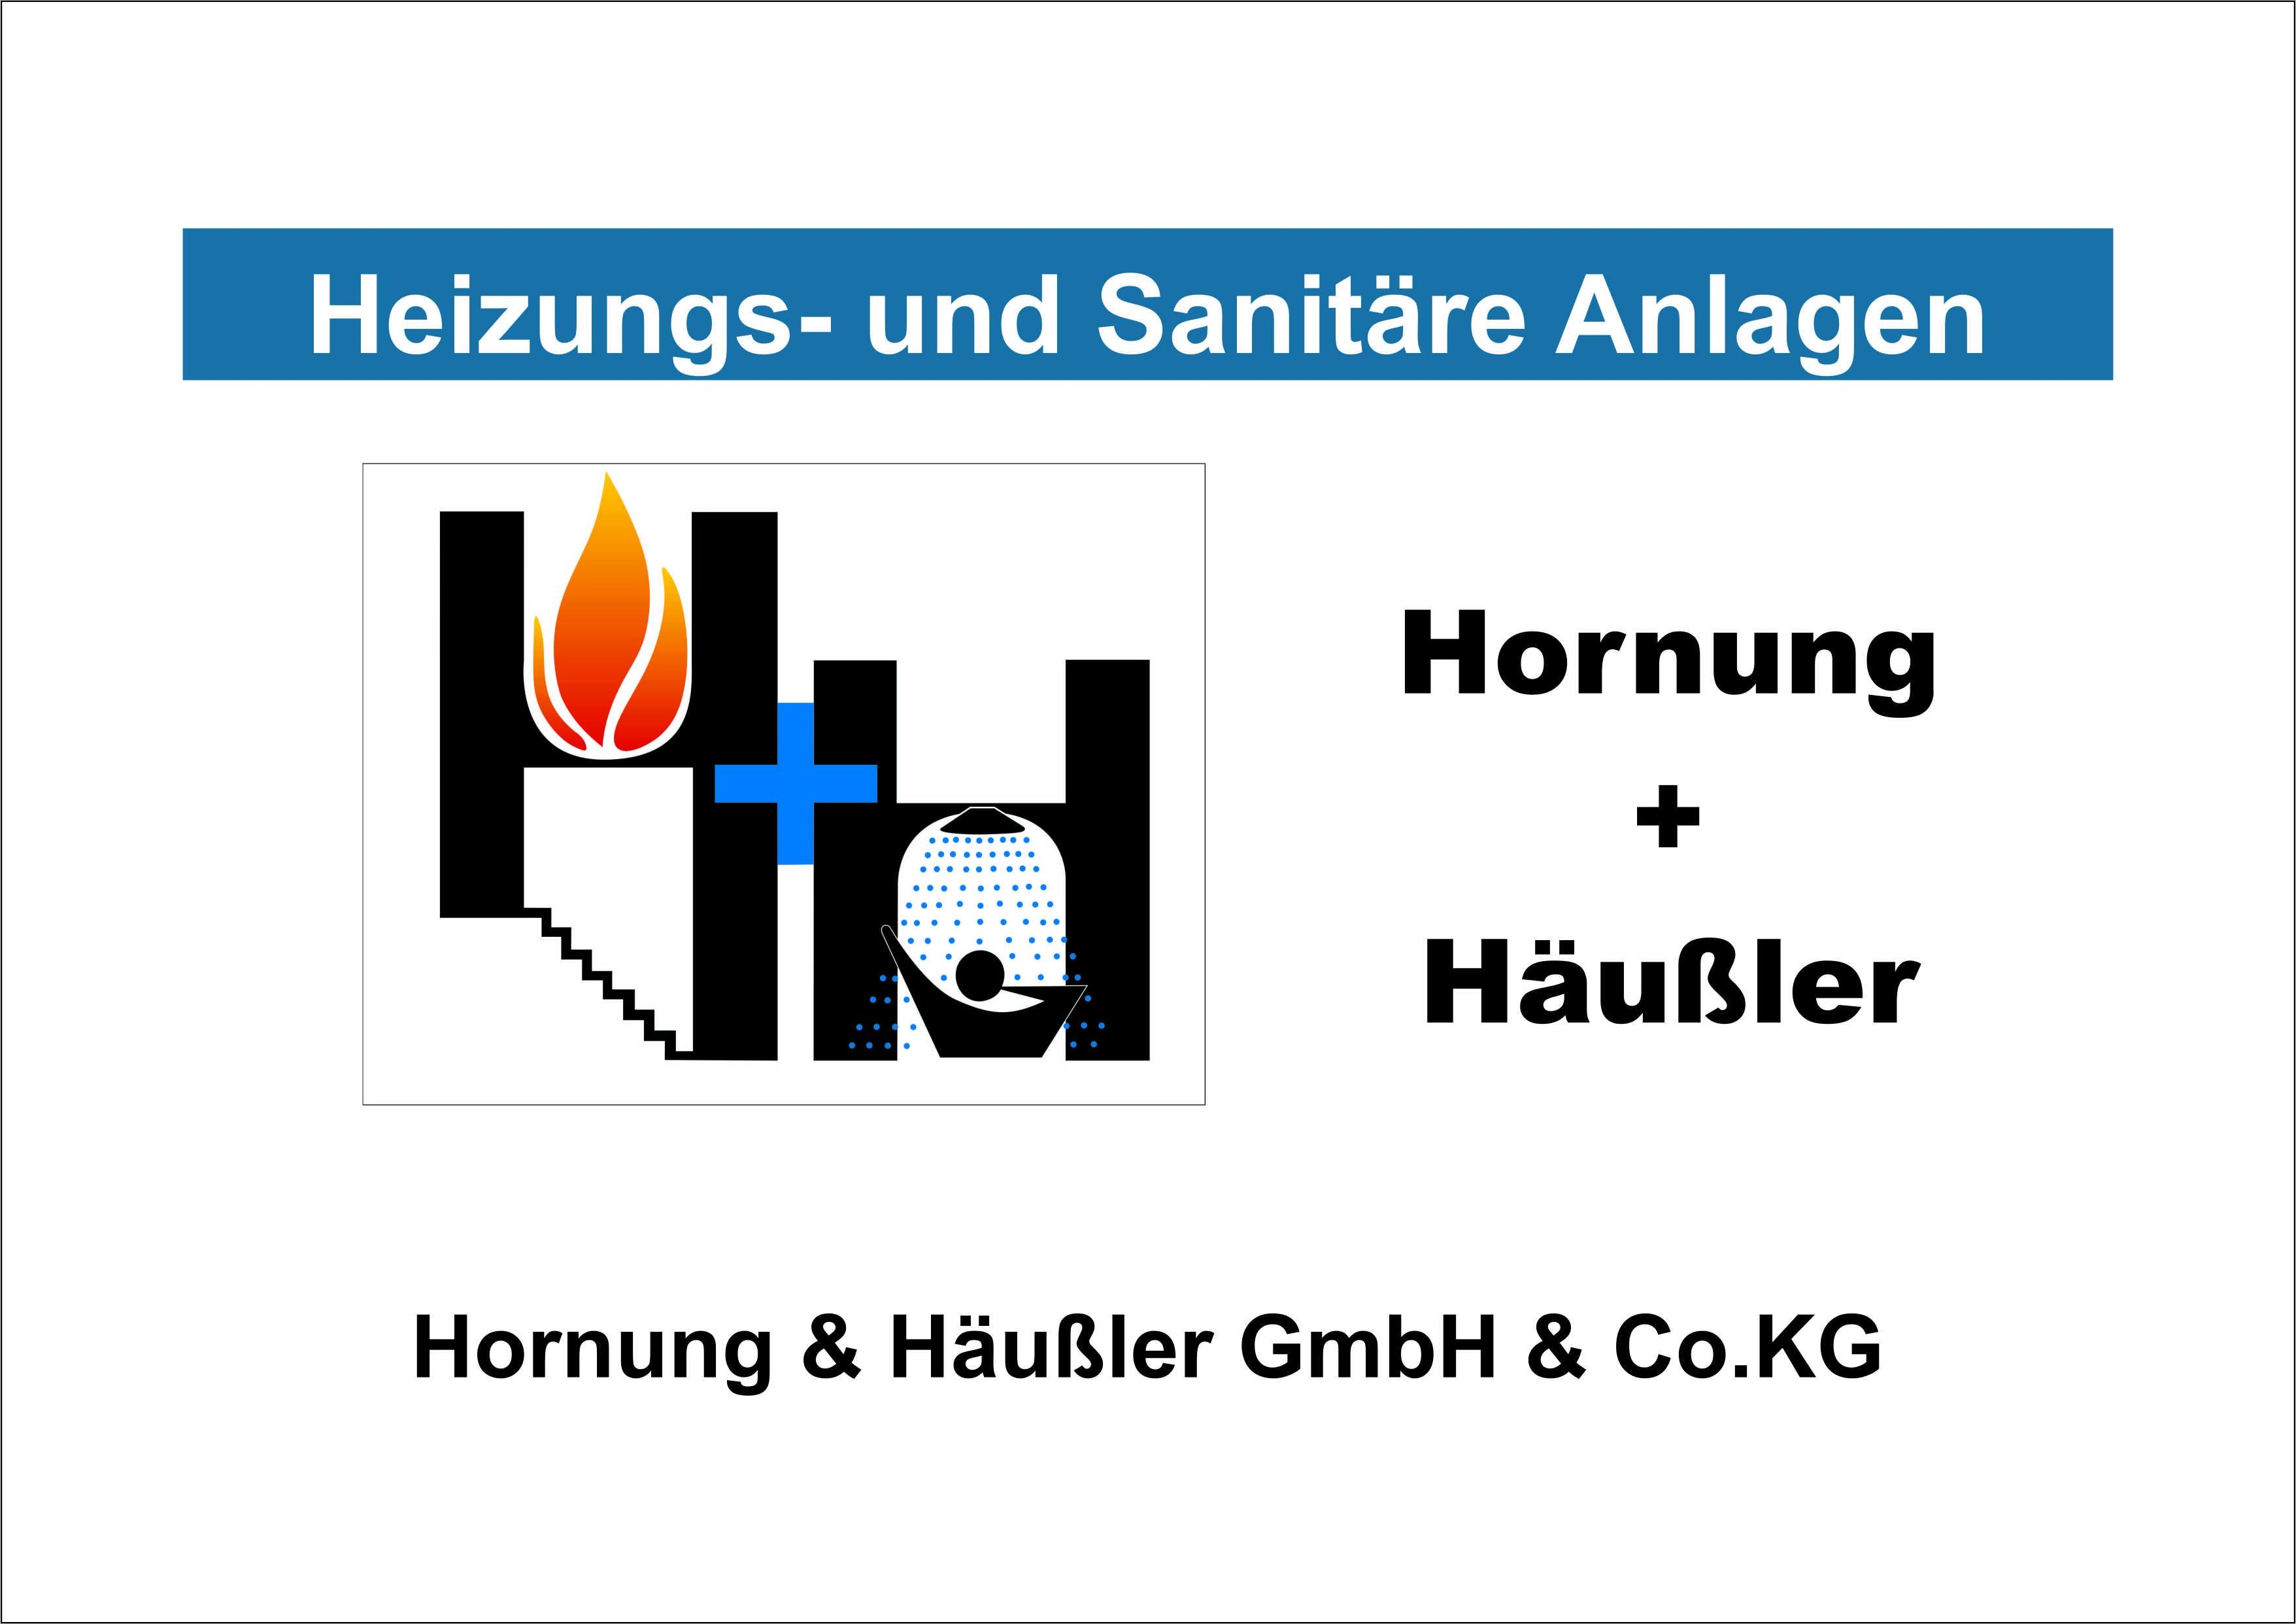 Hornung & Häußler GmbH